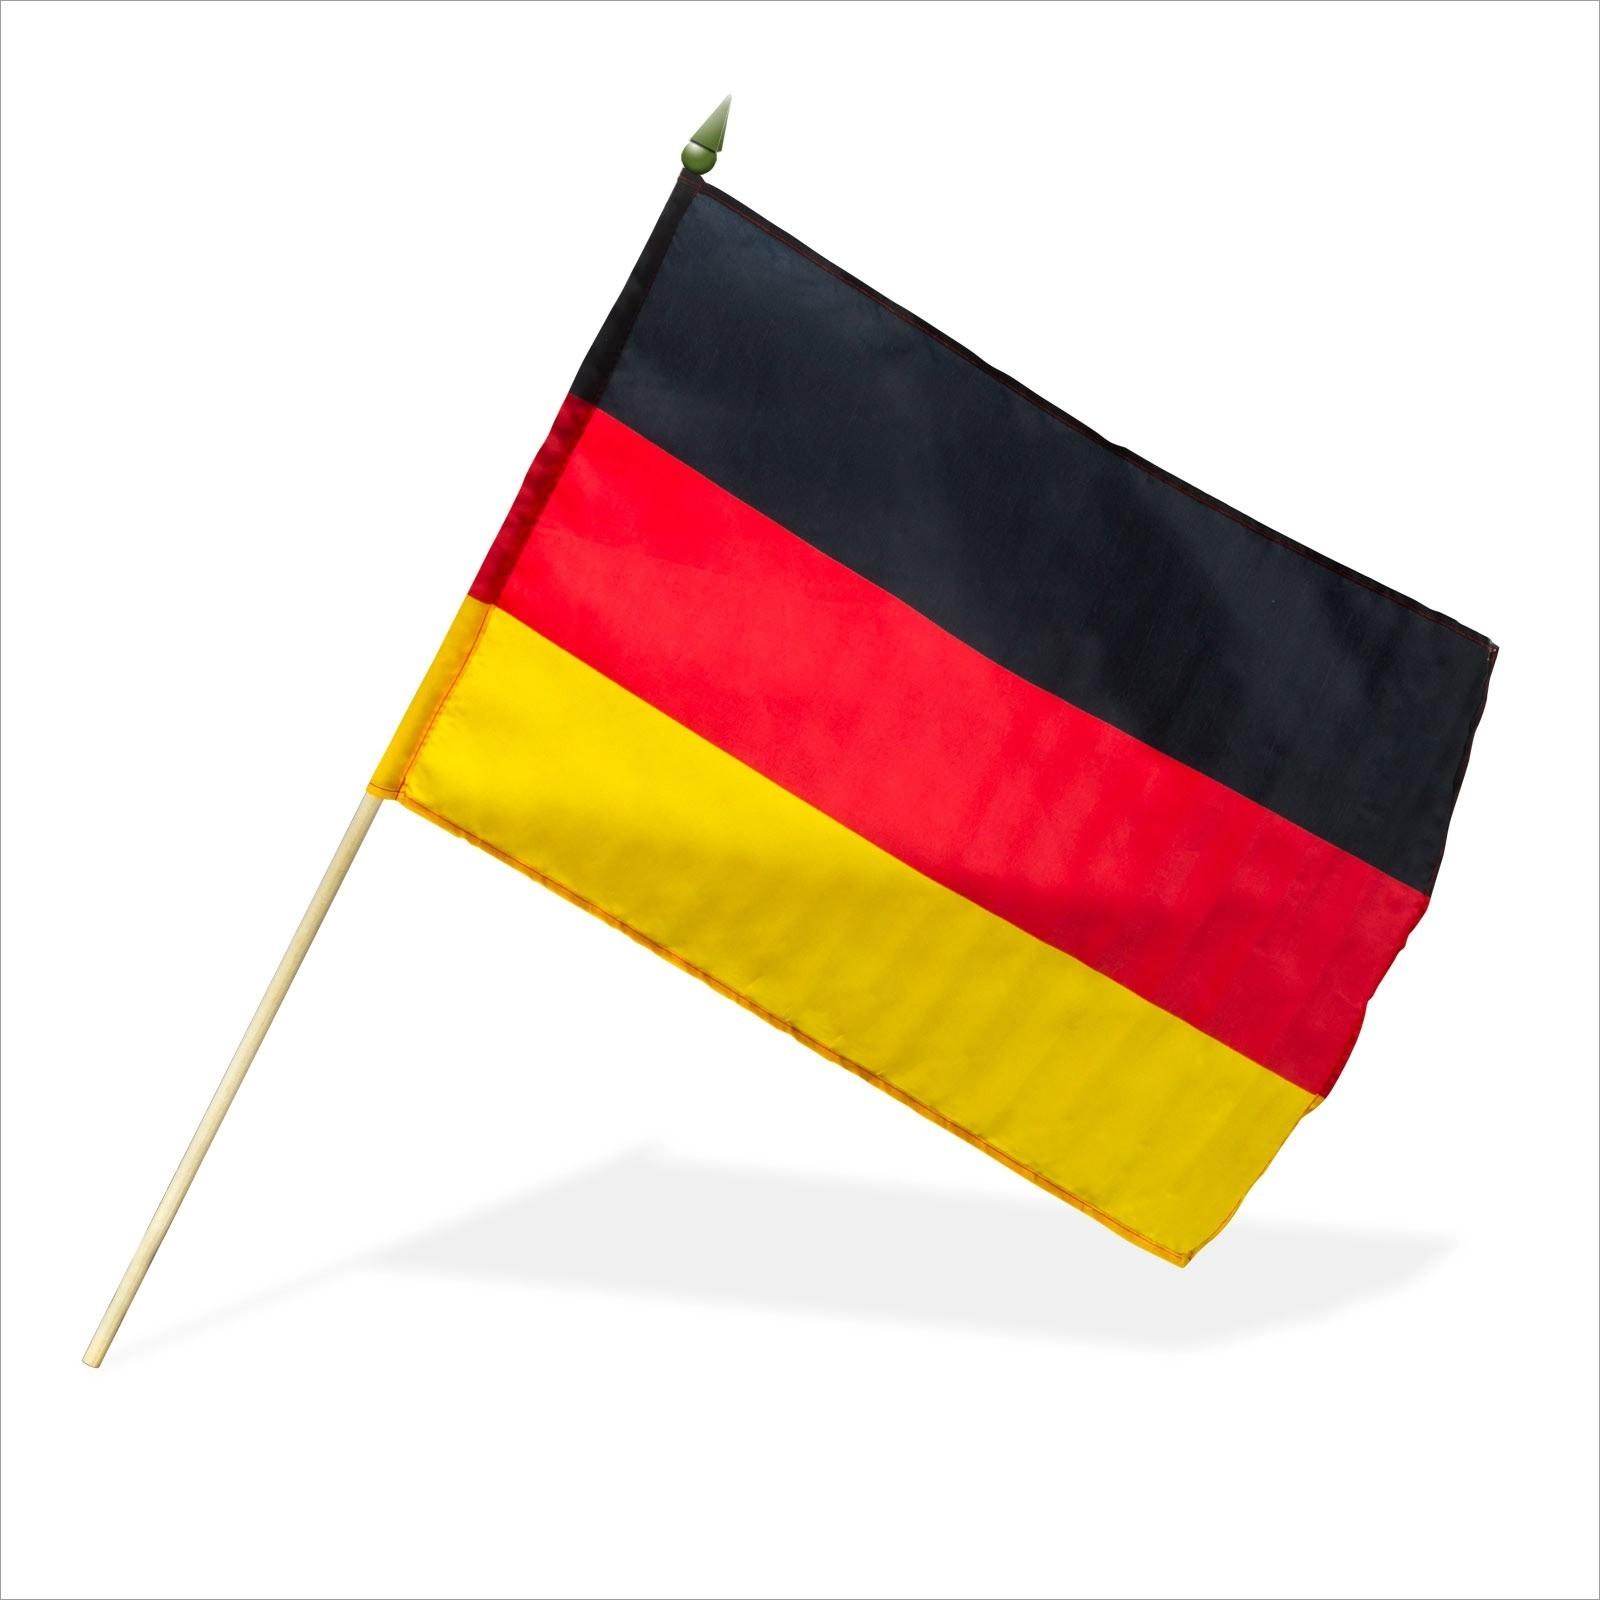 Dema 10 Stk. Deutschlandfahne / Deutschlandflagge 30x45 cm 94007x10